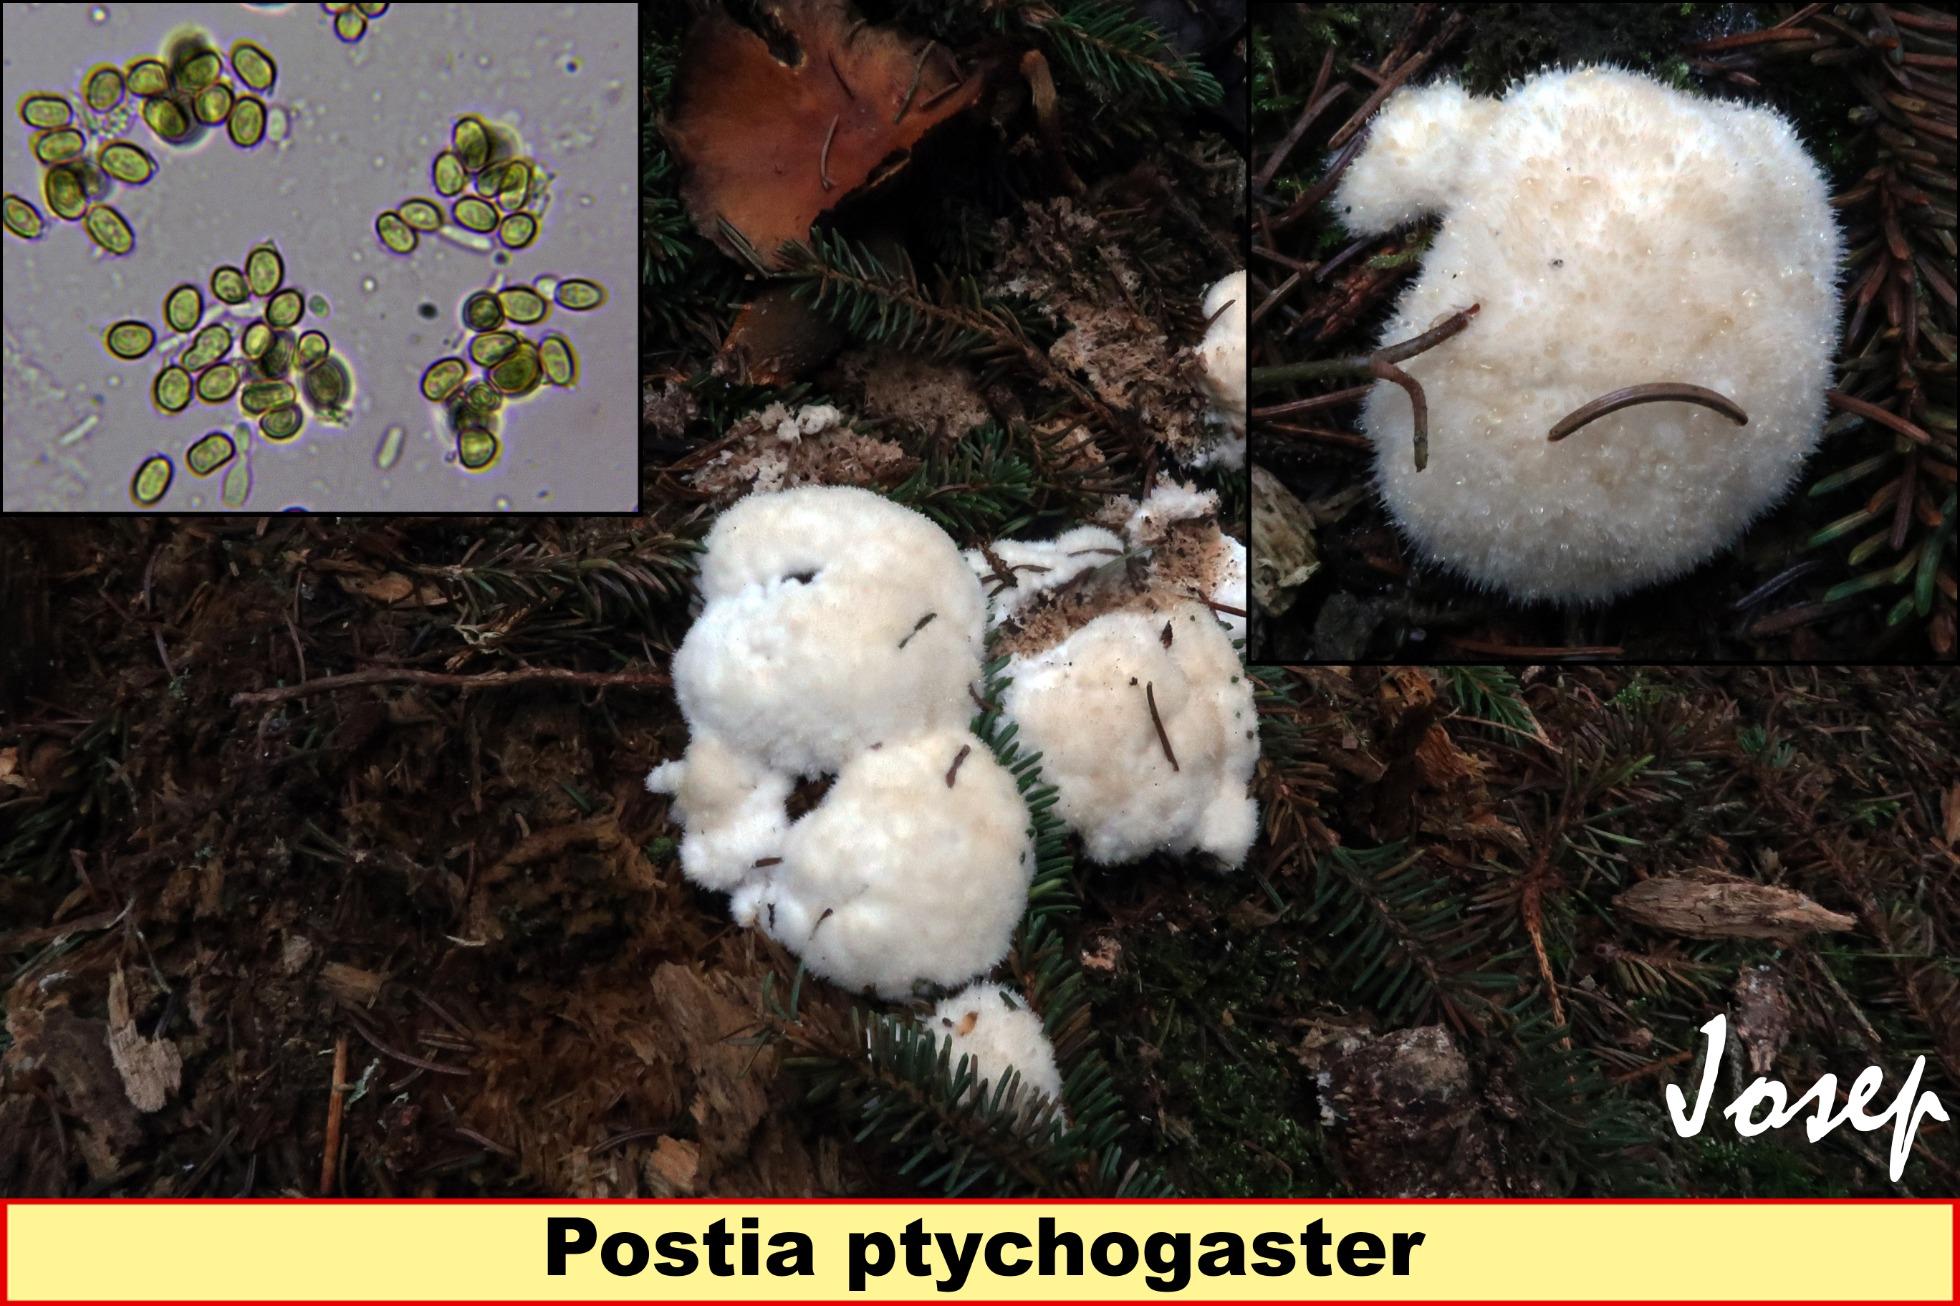 Postiaptychogaster.jpg